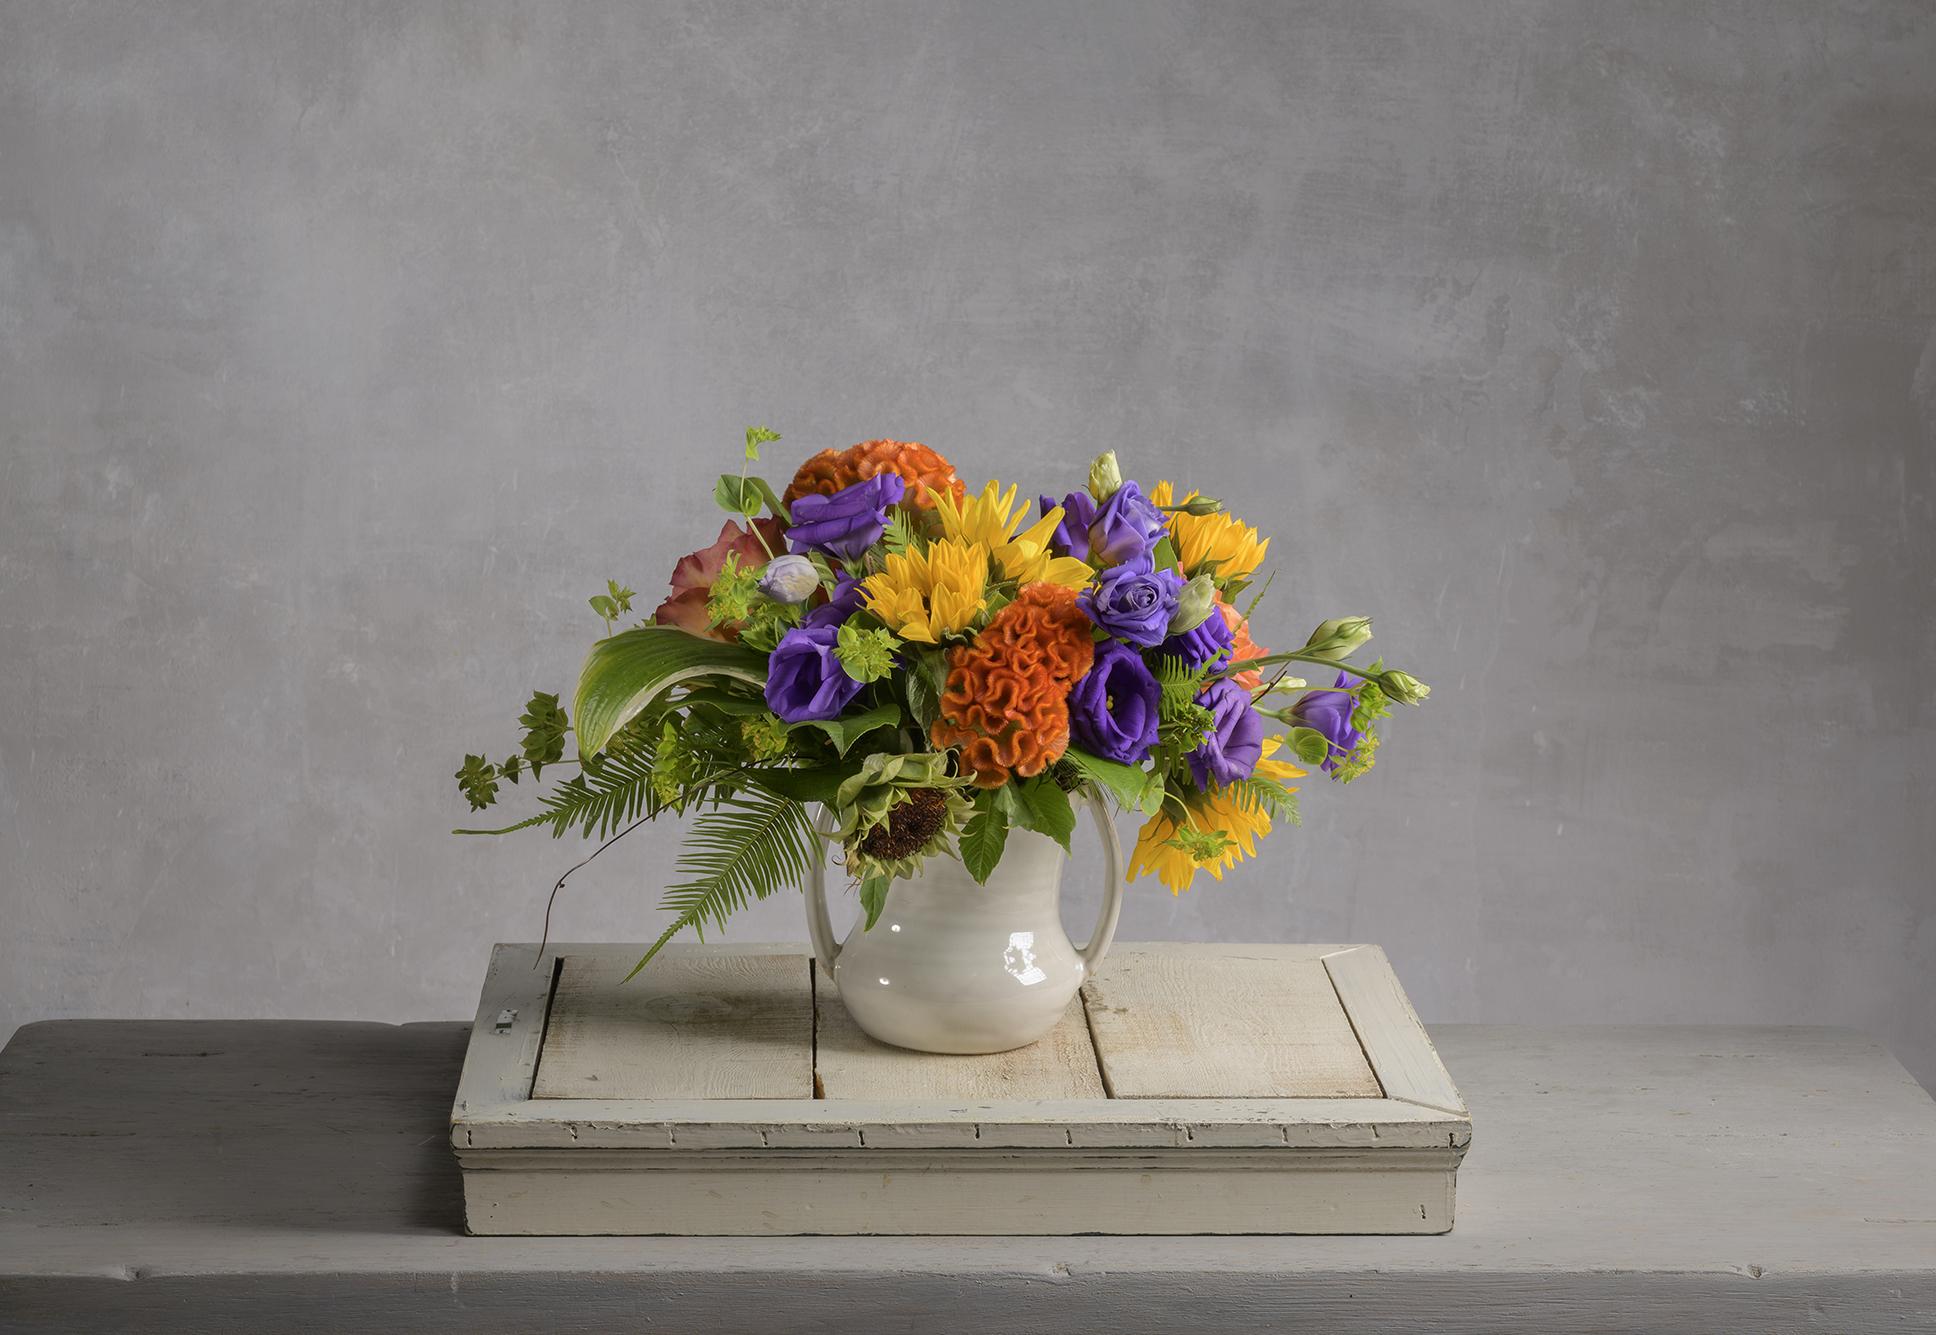 Robin Wood Flowers & WREN Bright Summer Flower Arrangement in a Two-Handled Pot